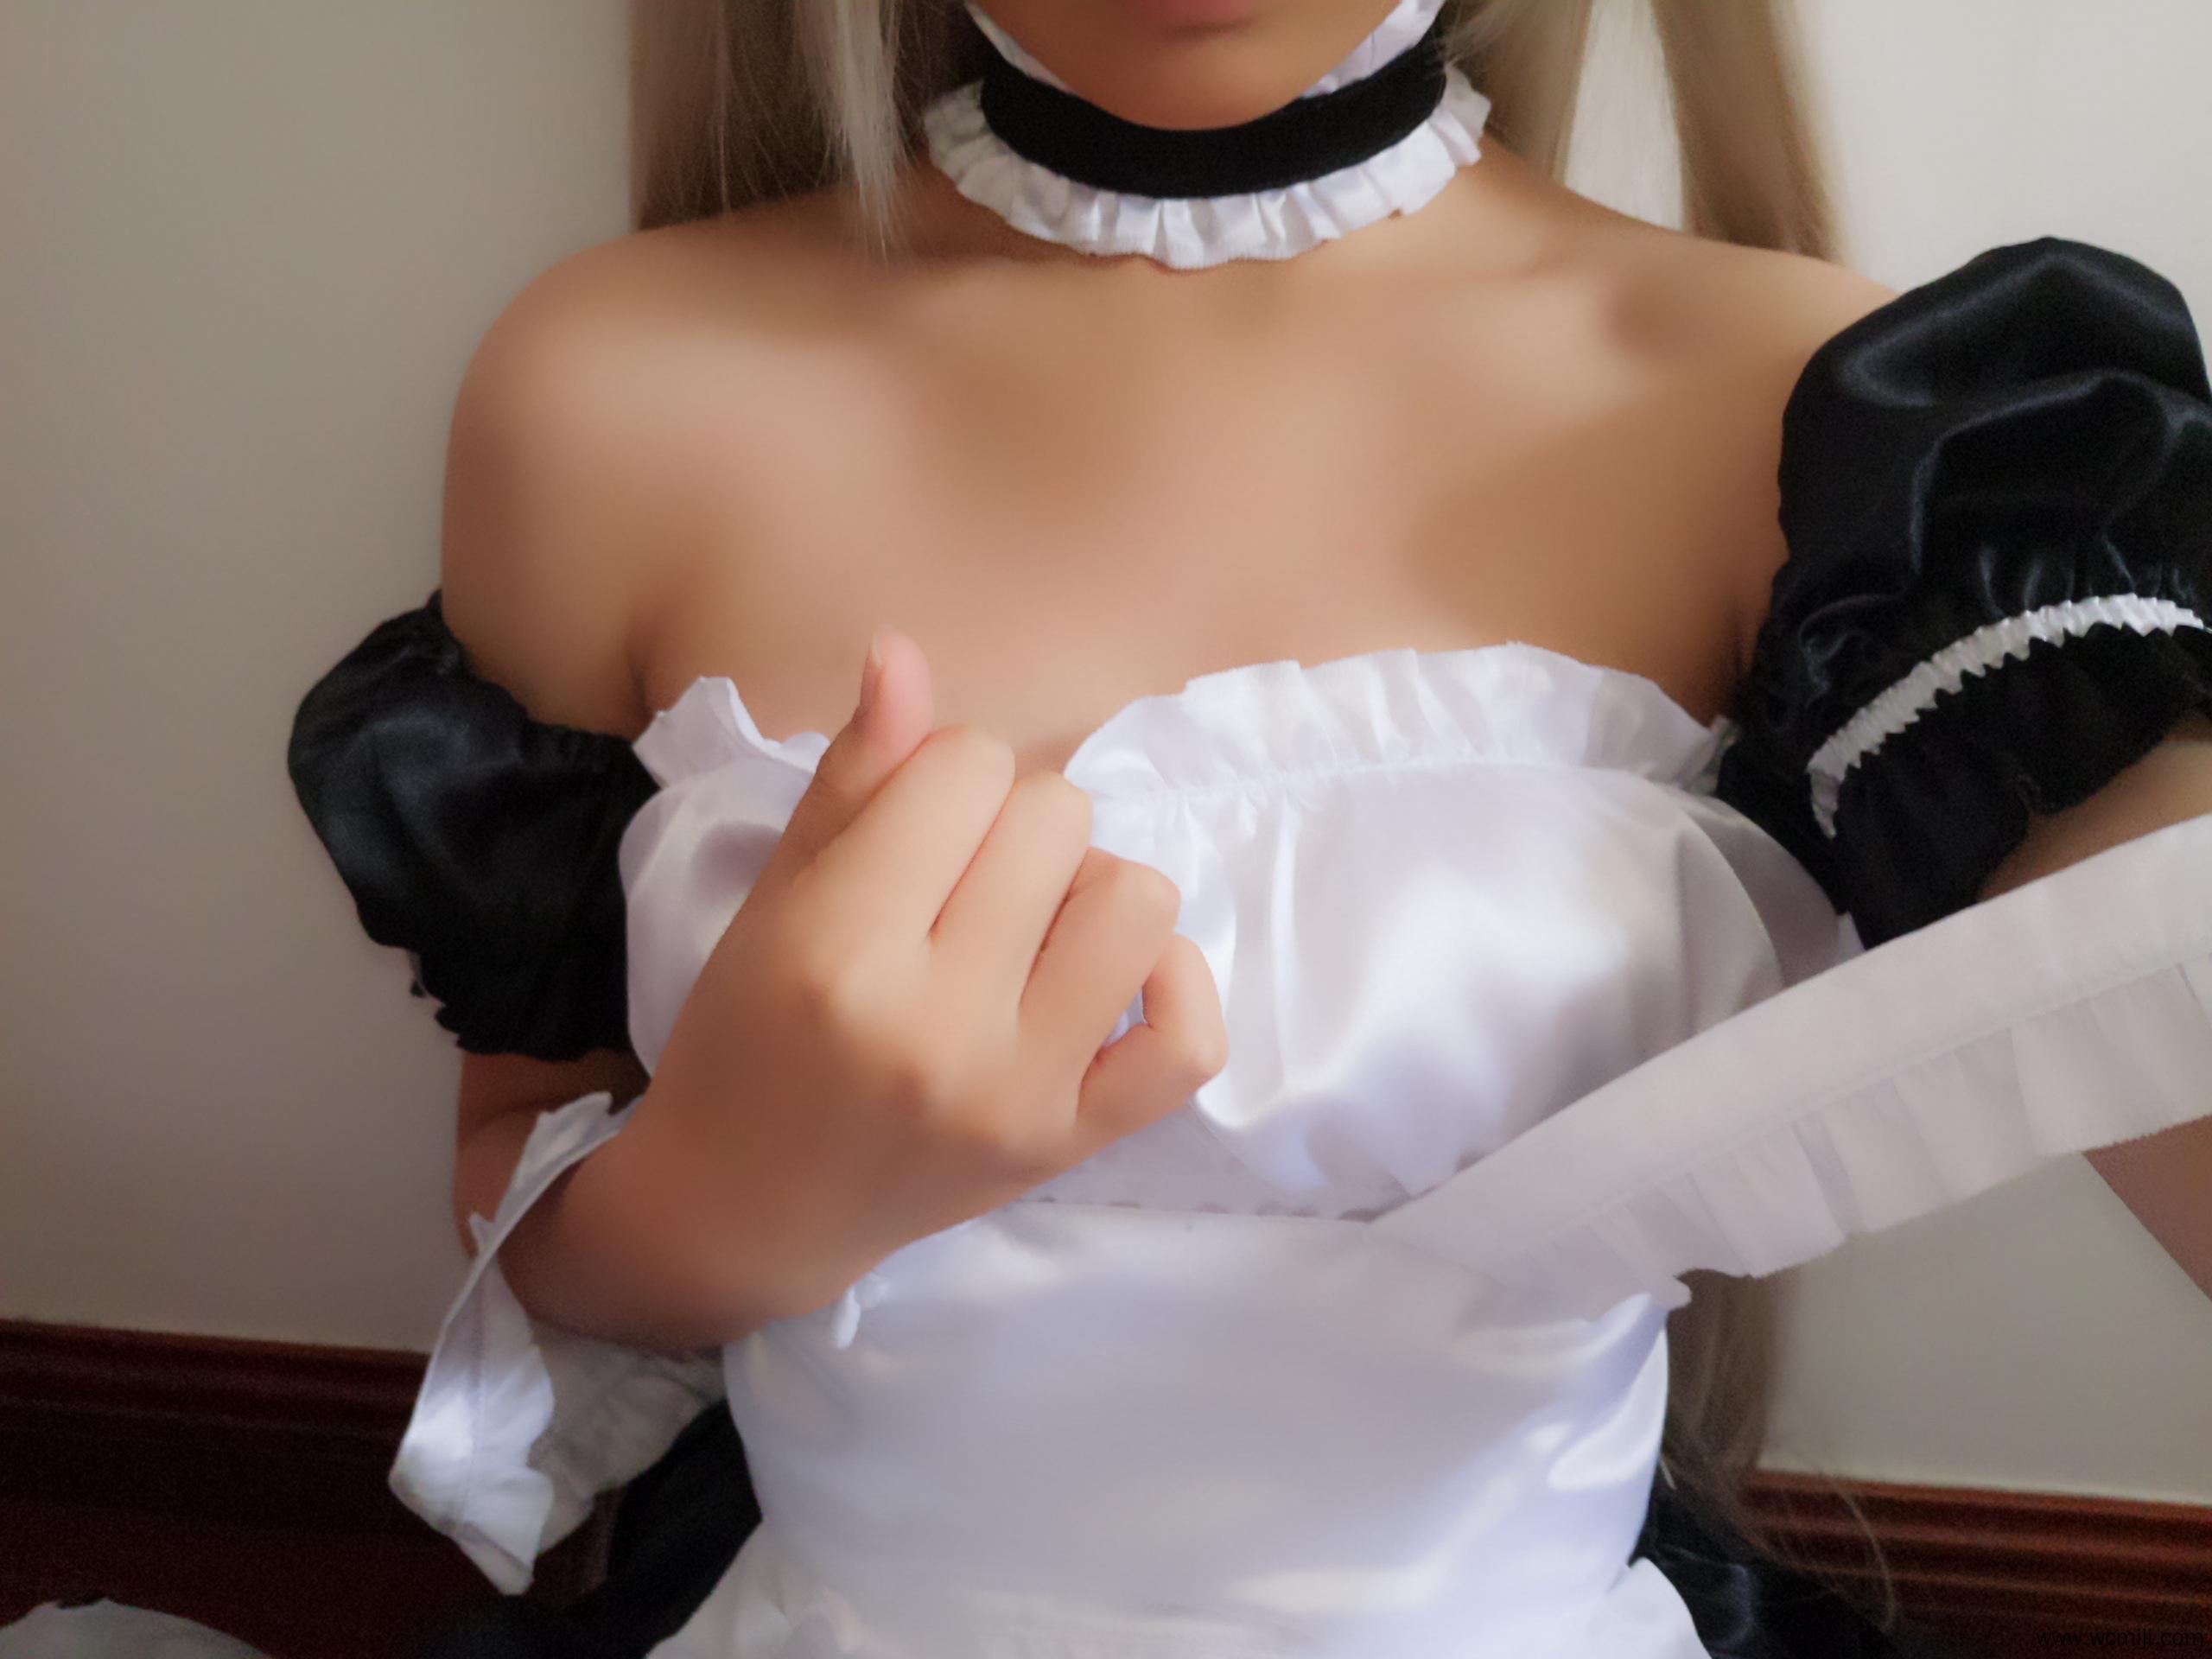 【穹妹】萌妹自拍-女仆装穹妹C0S白丝美腿私房照【40P】 COS